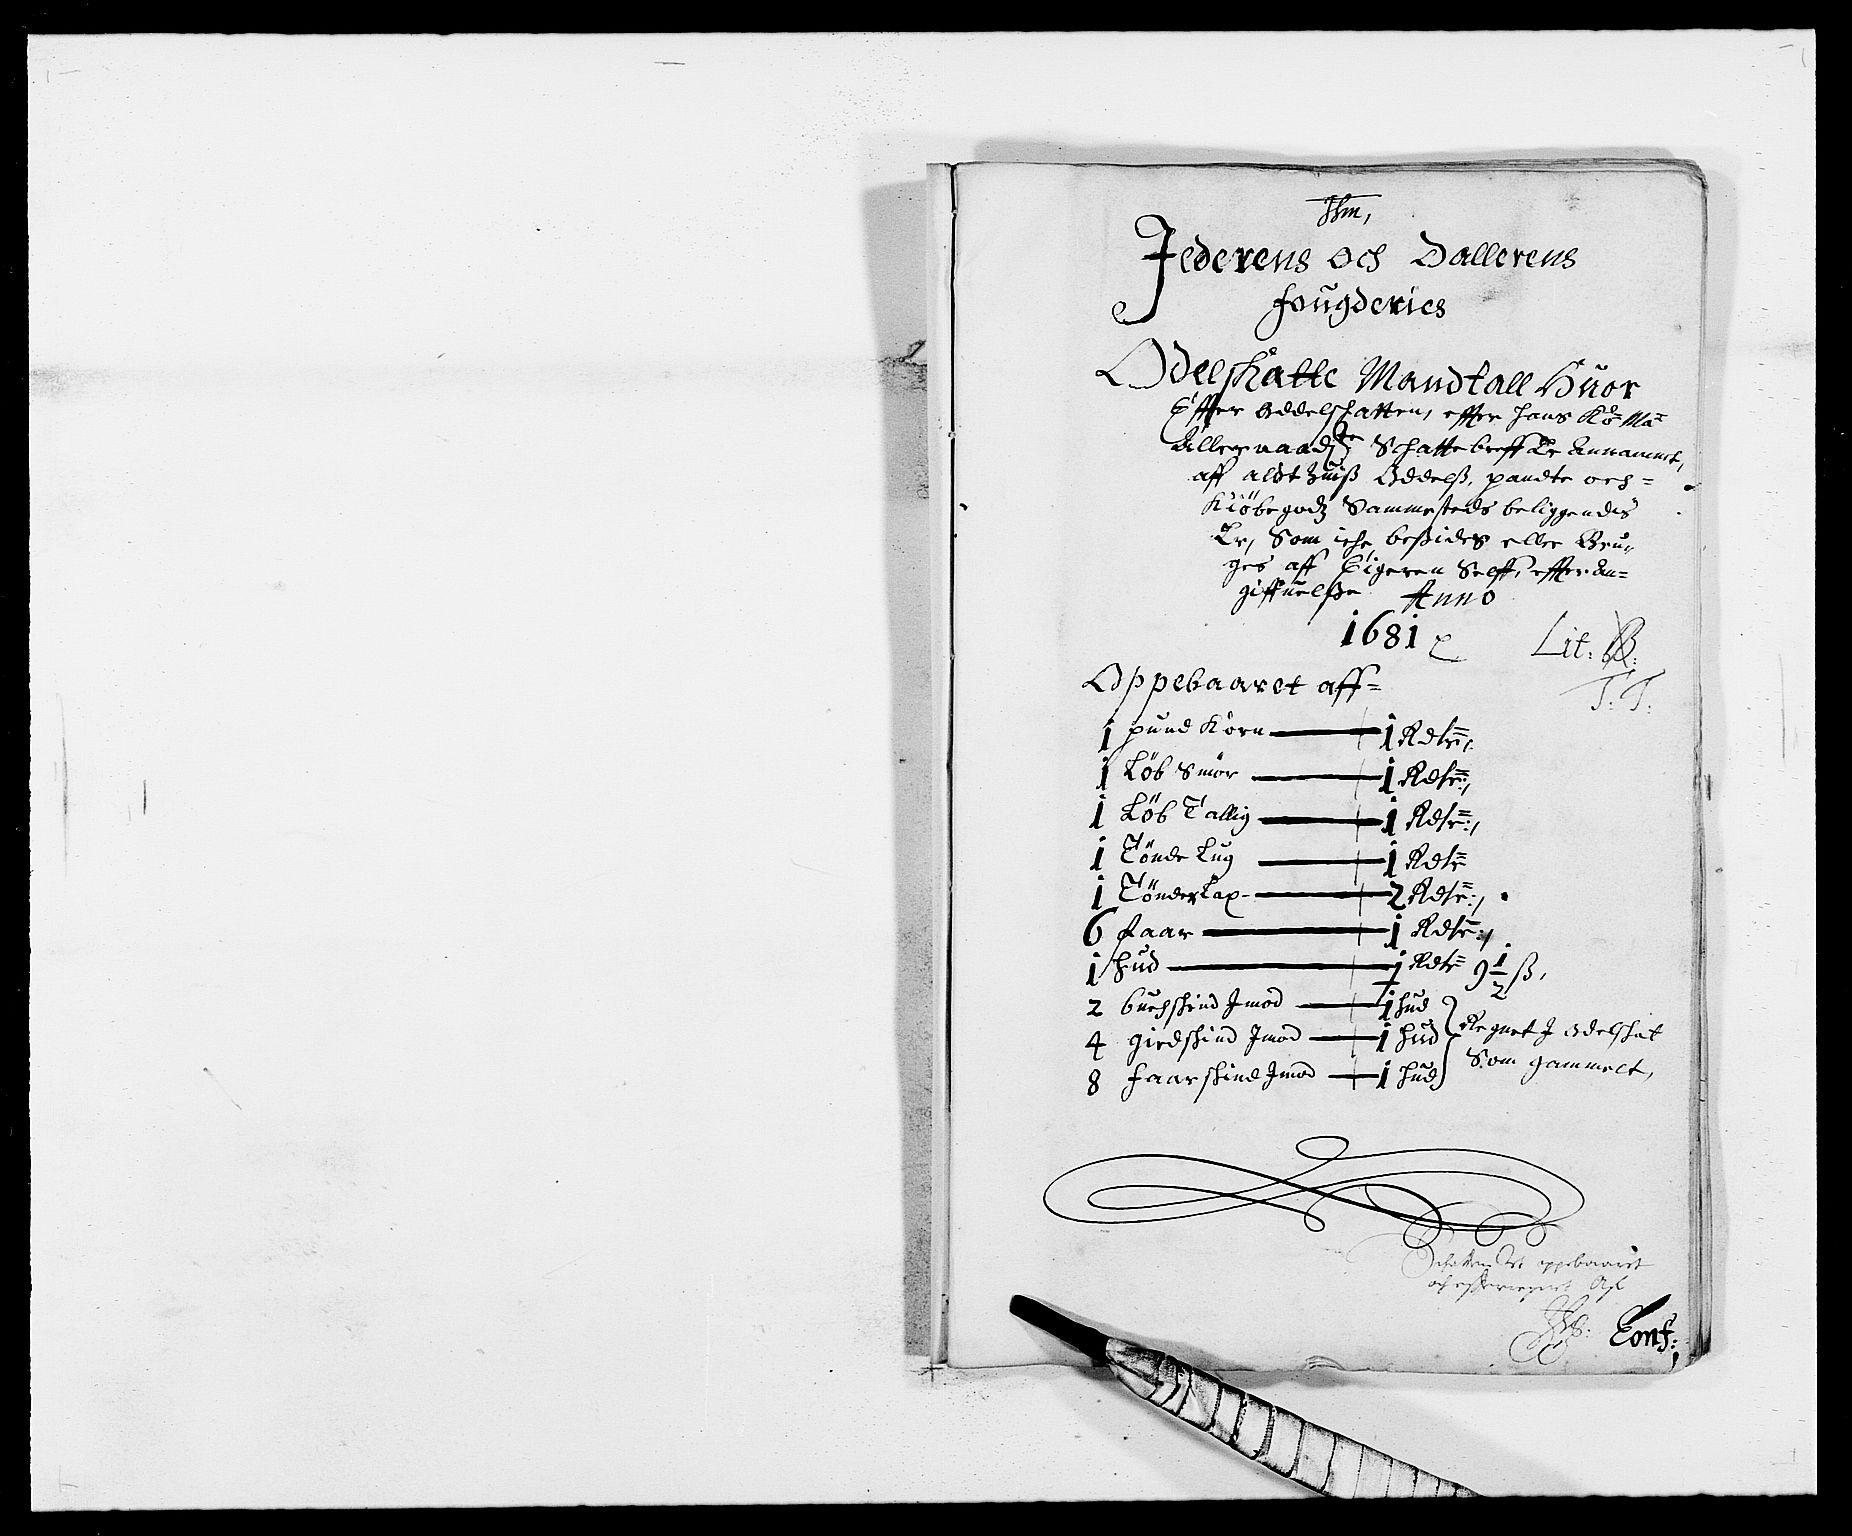 RA, Rentekammeret inntil 1814, Reviderte regnskaper, Fogderegnskap, R46/L2722: Fogderegnskap Jæren og Dalane, 1681, s. 37